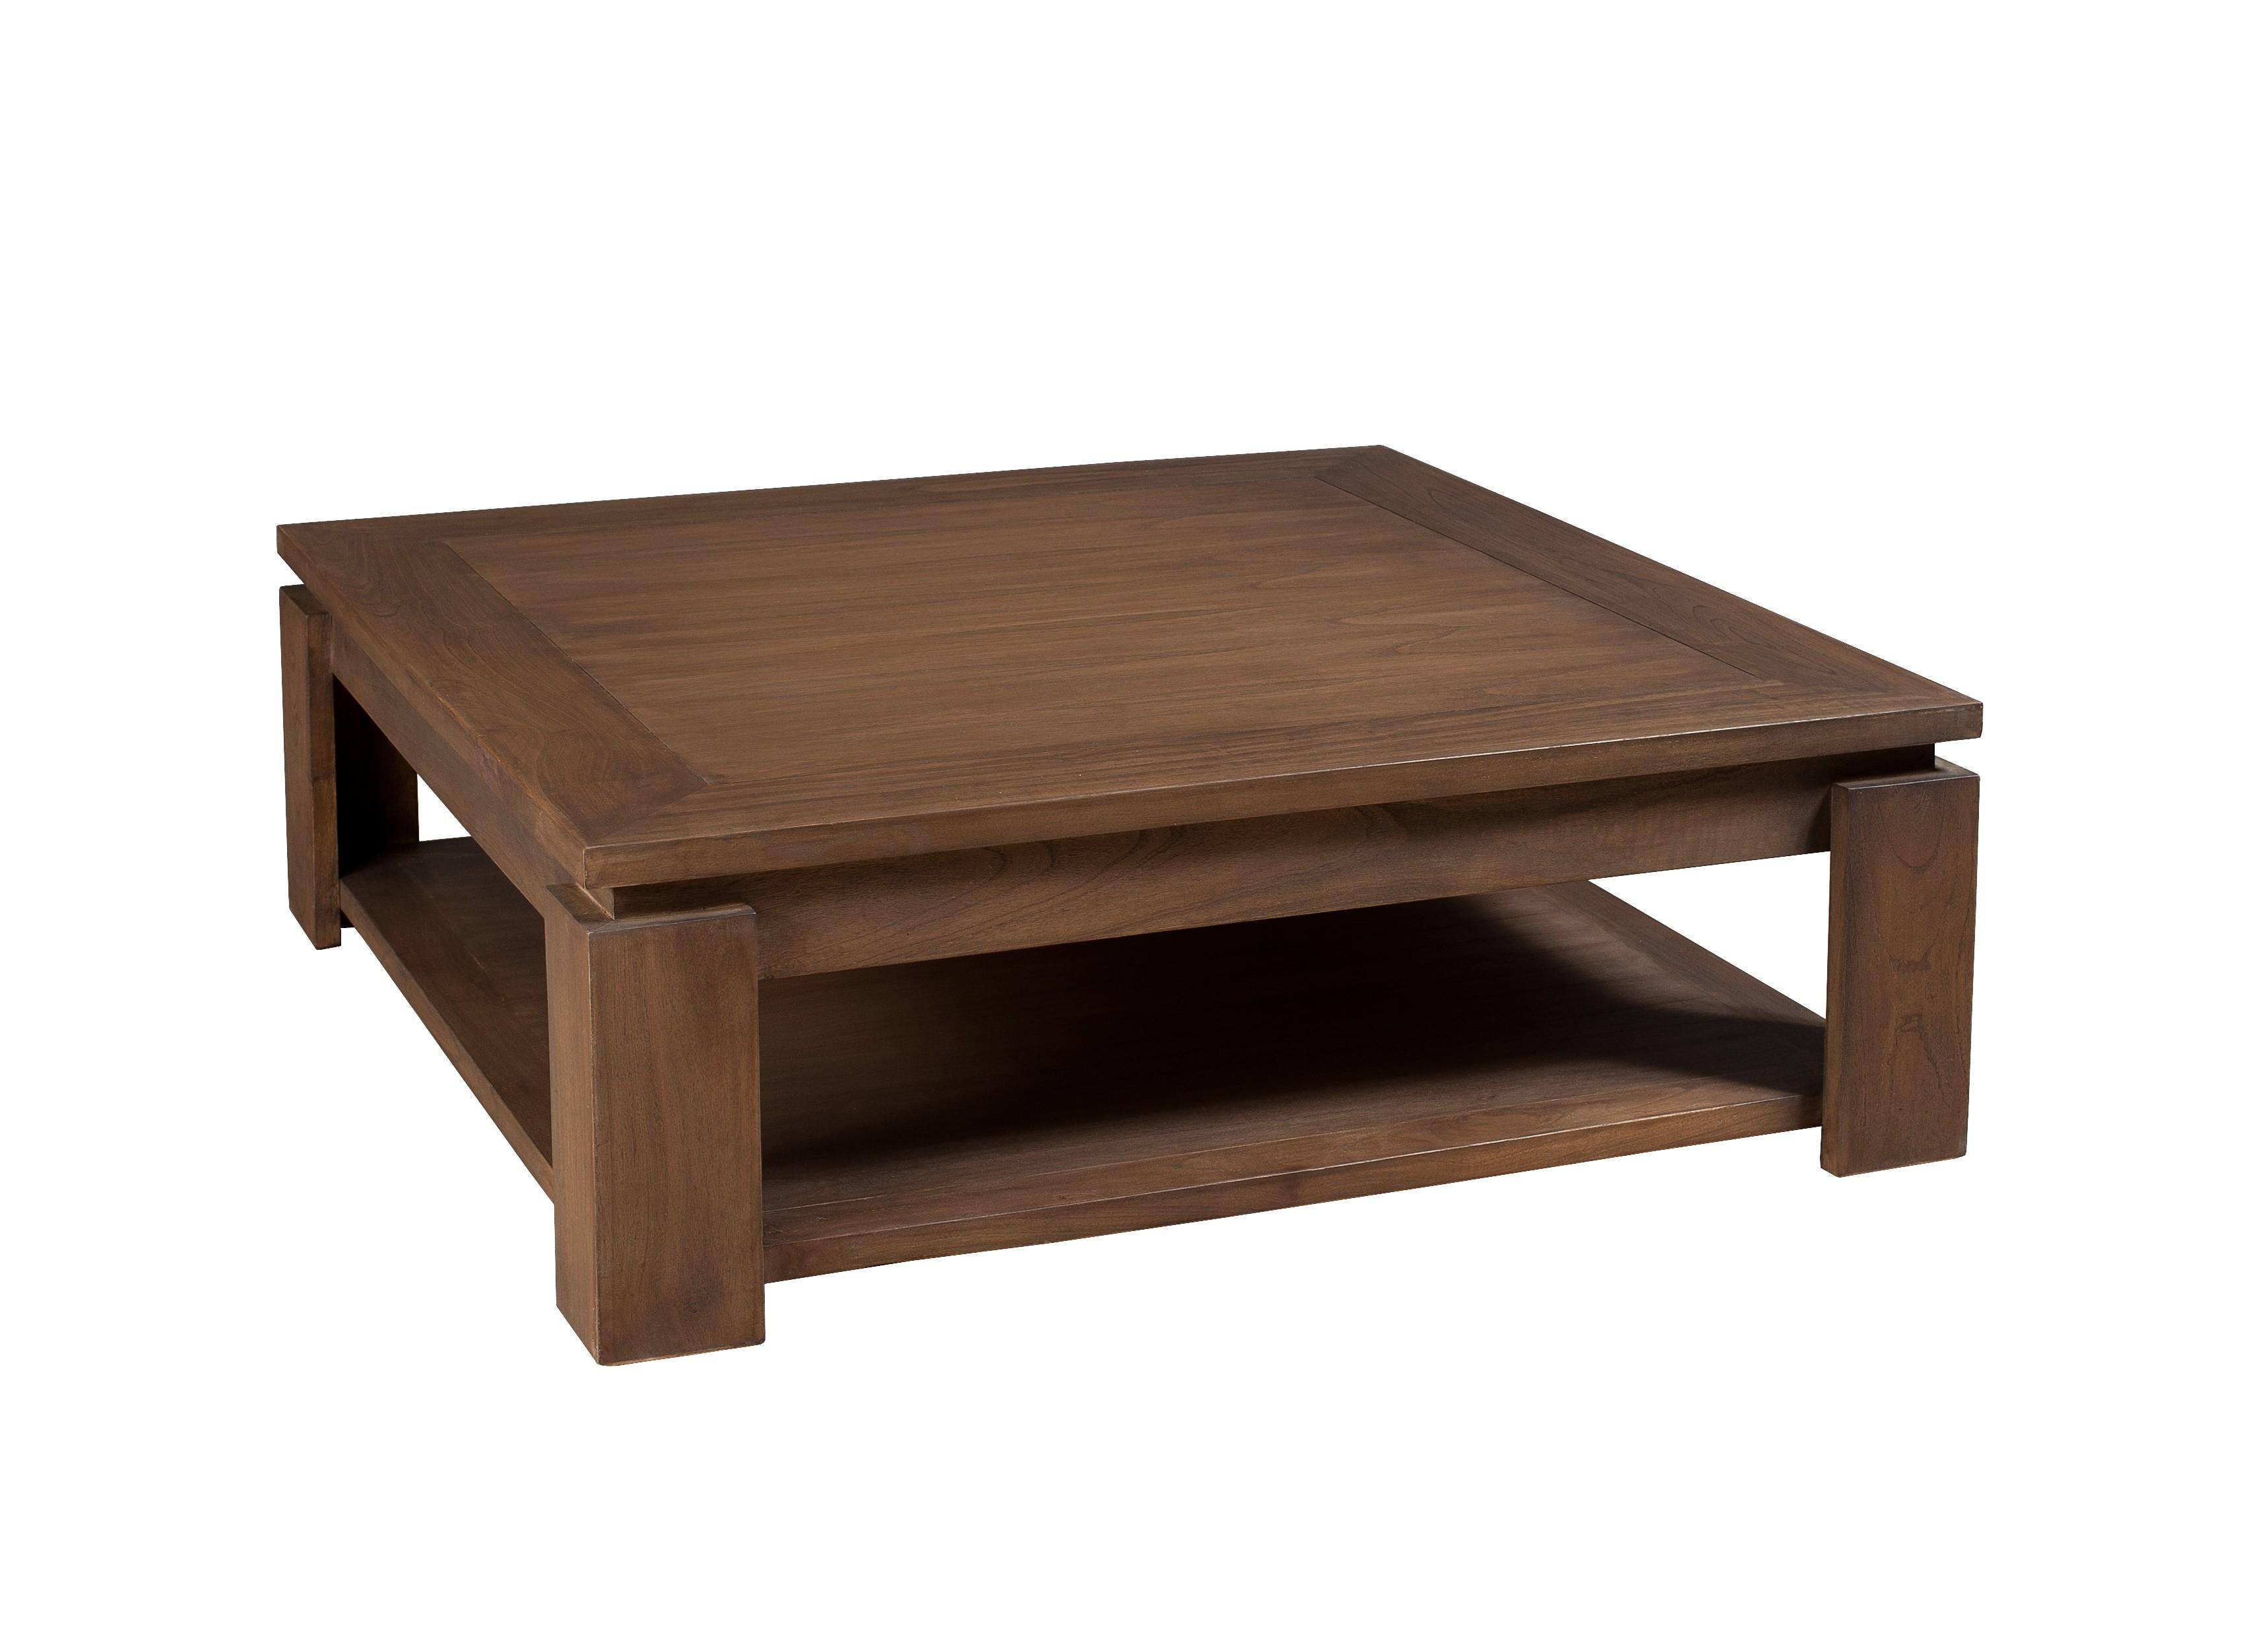 Table basse carrée bois exotique LOUNA | Tables basses ...